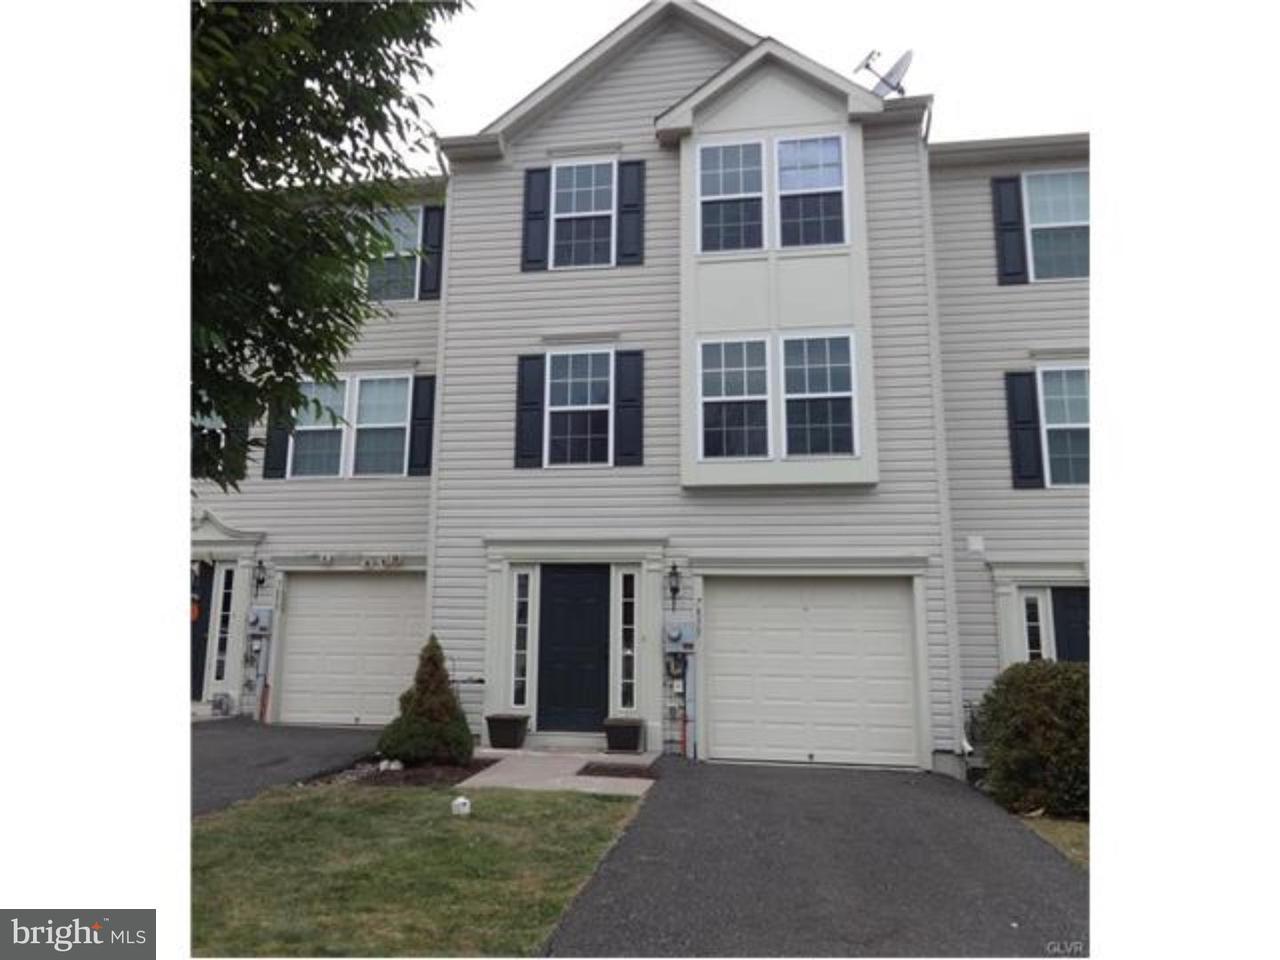 Casa unifamiliar adosada (Townhouse) por un Venta en 7855 RED HAWK CT #66 Breinigsville, Pennsylvania 18031 Estados Unidos